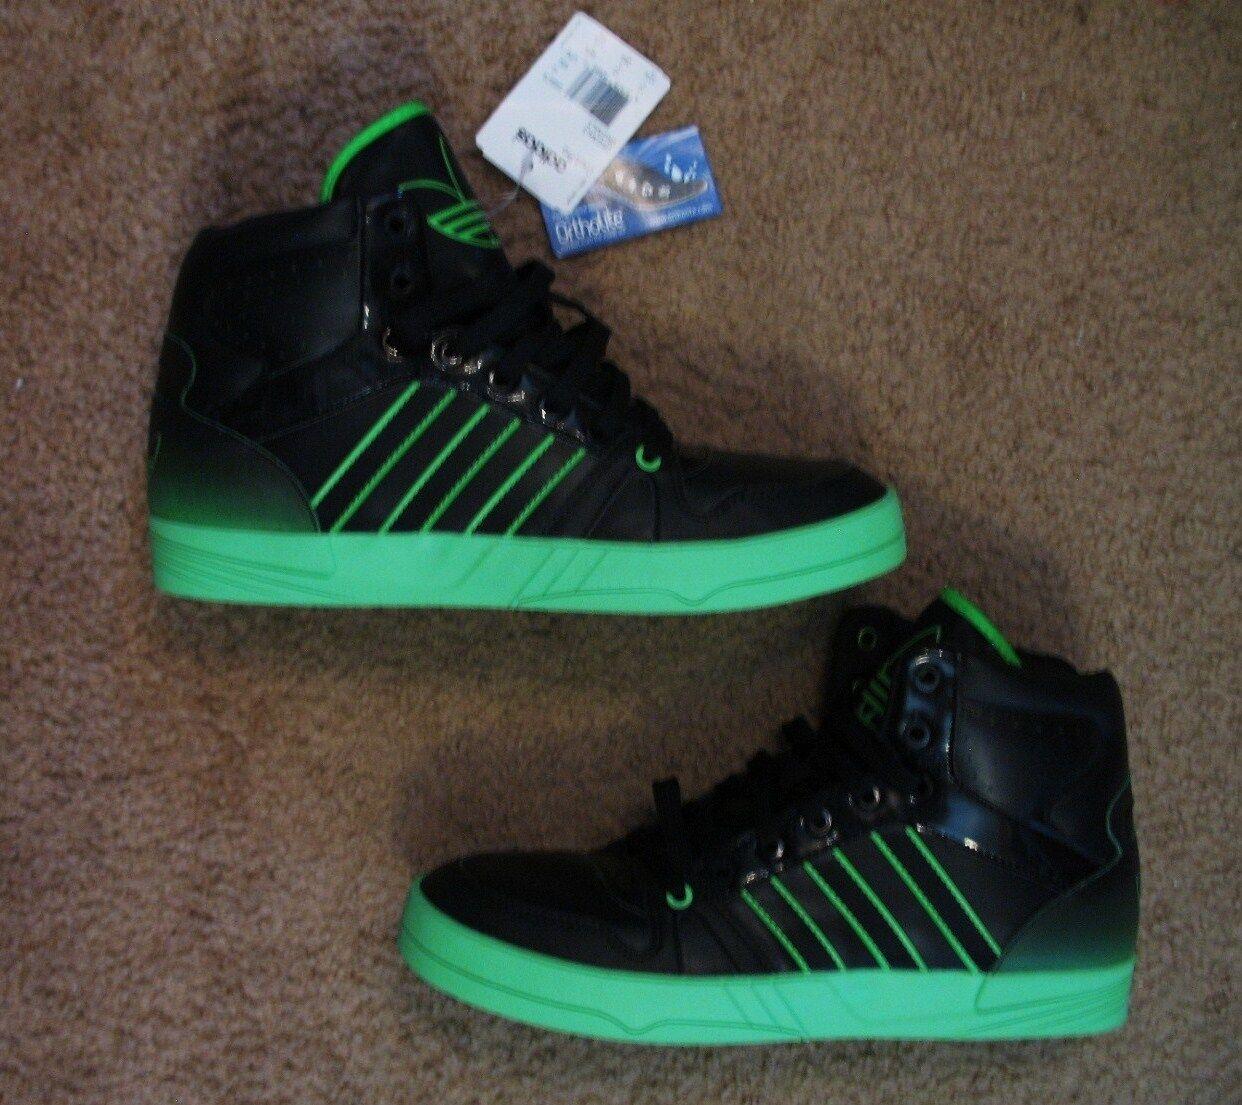 Adidas con originali corte di basket di nuovo con Adidas tag 10,5 748965